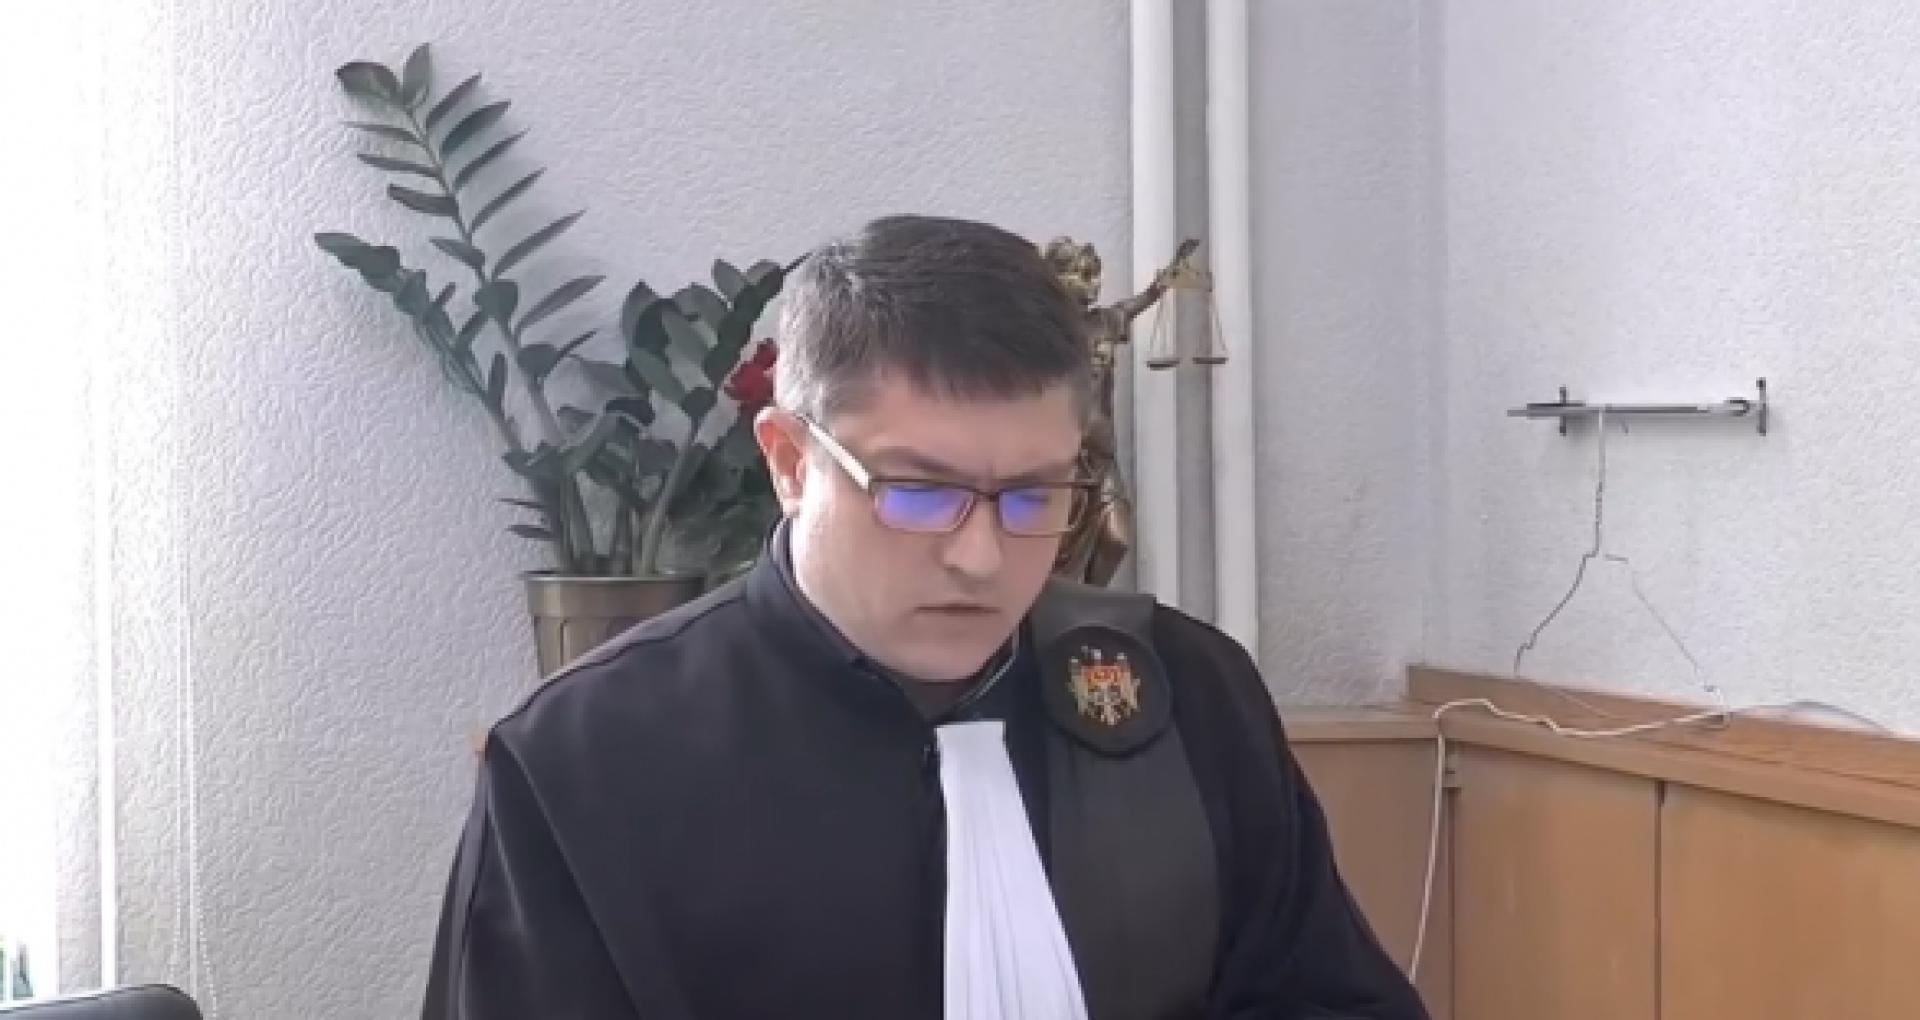 DOC/ Magistrații Judecătoriei Chișinău, sediul Ciocana, îl înaintează pe Sergiu Bularu, care în 2020 a admis demersul privind suspendarea executării pedepsei de către Veaceslav Platon, la funcția de vicepreședinte interimar al instituției